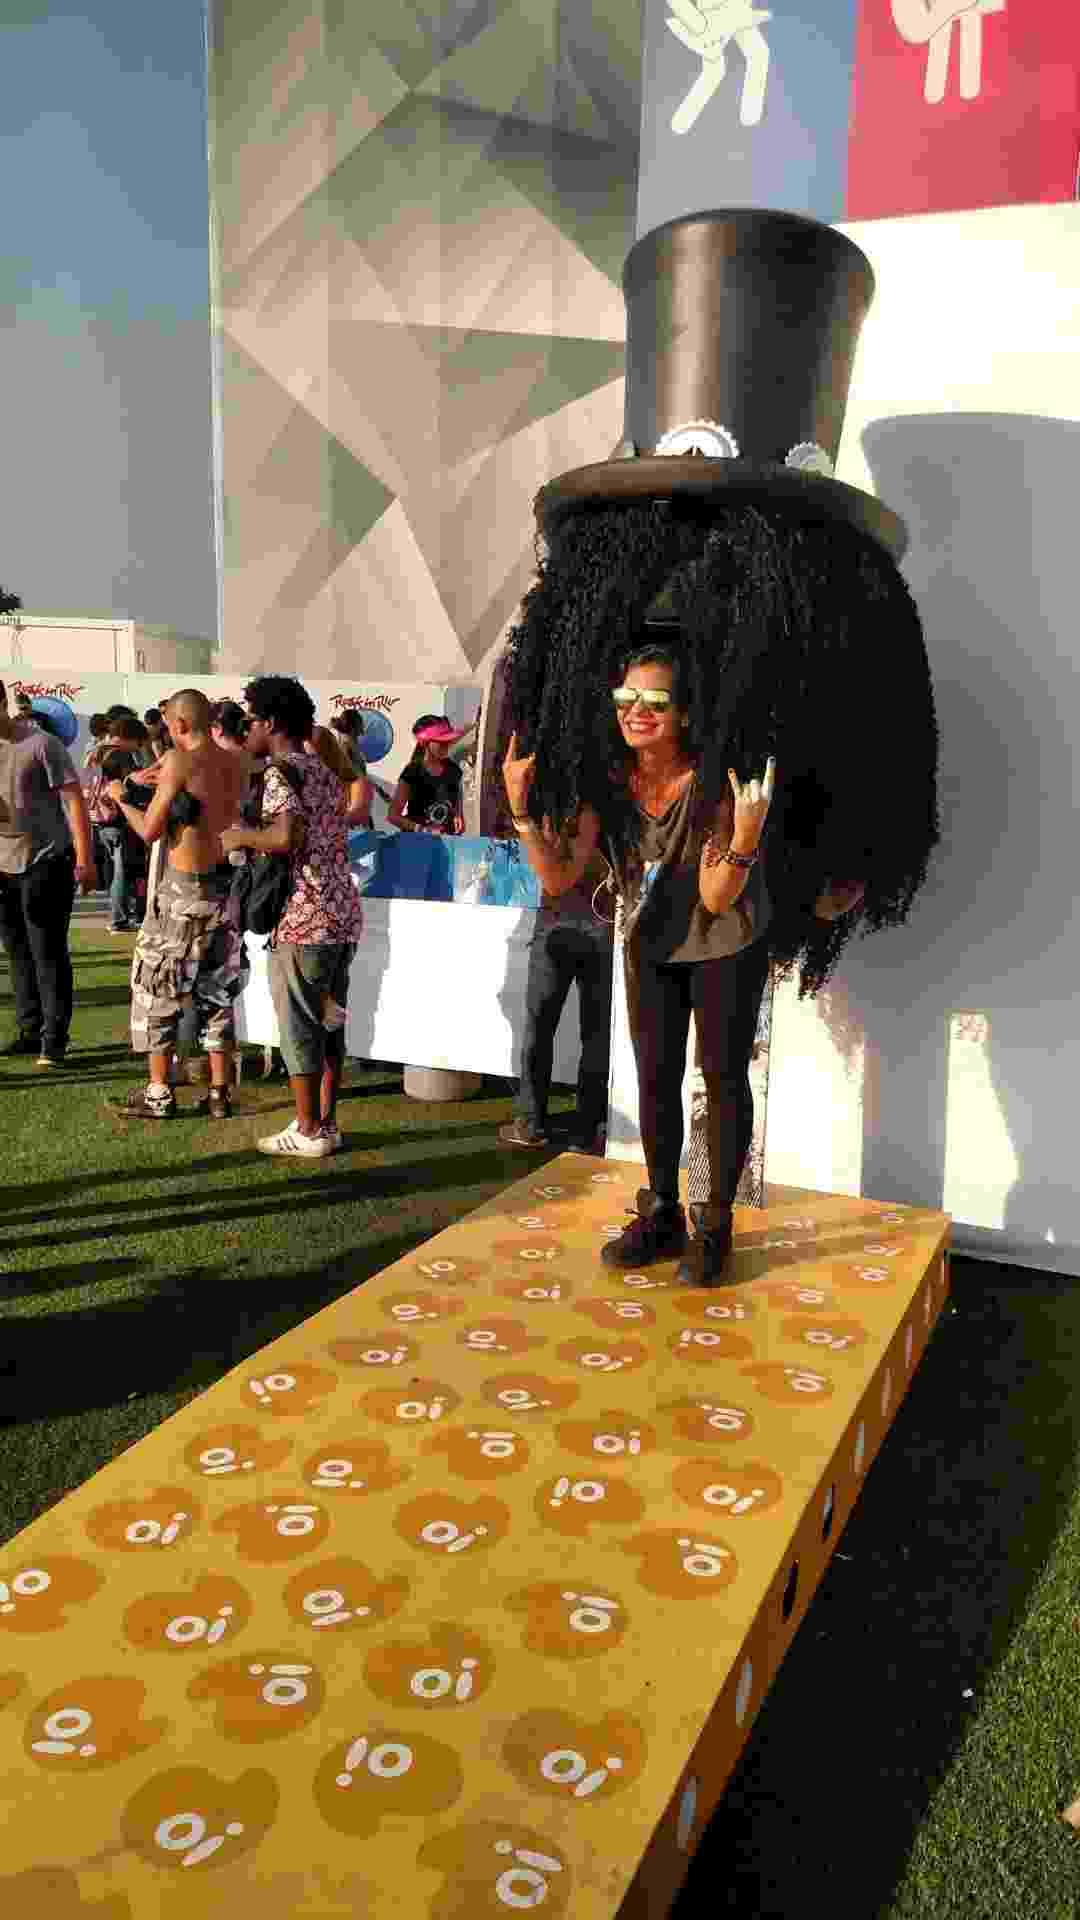 """24.set.2015 - Um orelhão fantasiado de Slash virou febre no Rock in Rio. Os fãs fazem fila para tirar foto no local com a """"cabeleira"""" do ex-guitarrista do Guns N' Roses. """"Gosto muito do Slash. Nunca vi um show dele ao vivo, então aproveitei. Mas estou aqui é para ver o Queens of the Stone Age"""", conta a estagiária Yasmim Burguês, 24 anos - Leonardo Rodrigues/UOL"""